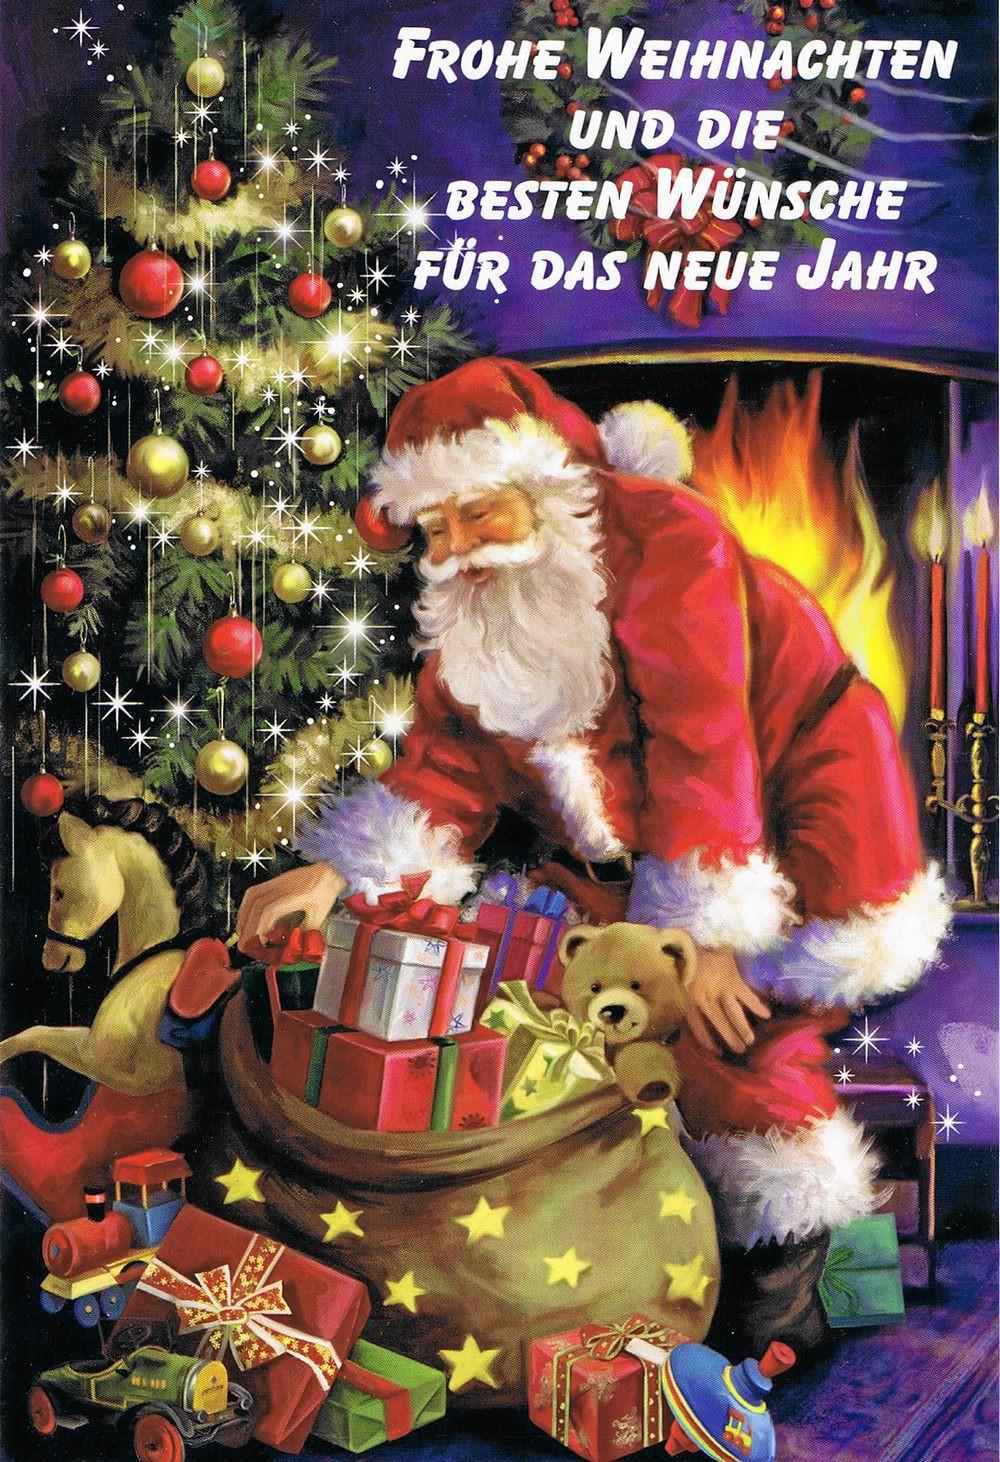 Bilder Weihnachten Nostalgisch.Weihnachtskarte Weihnachtsmann Nostalgie 6